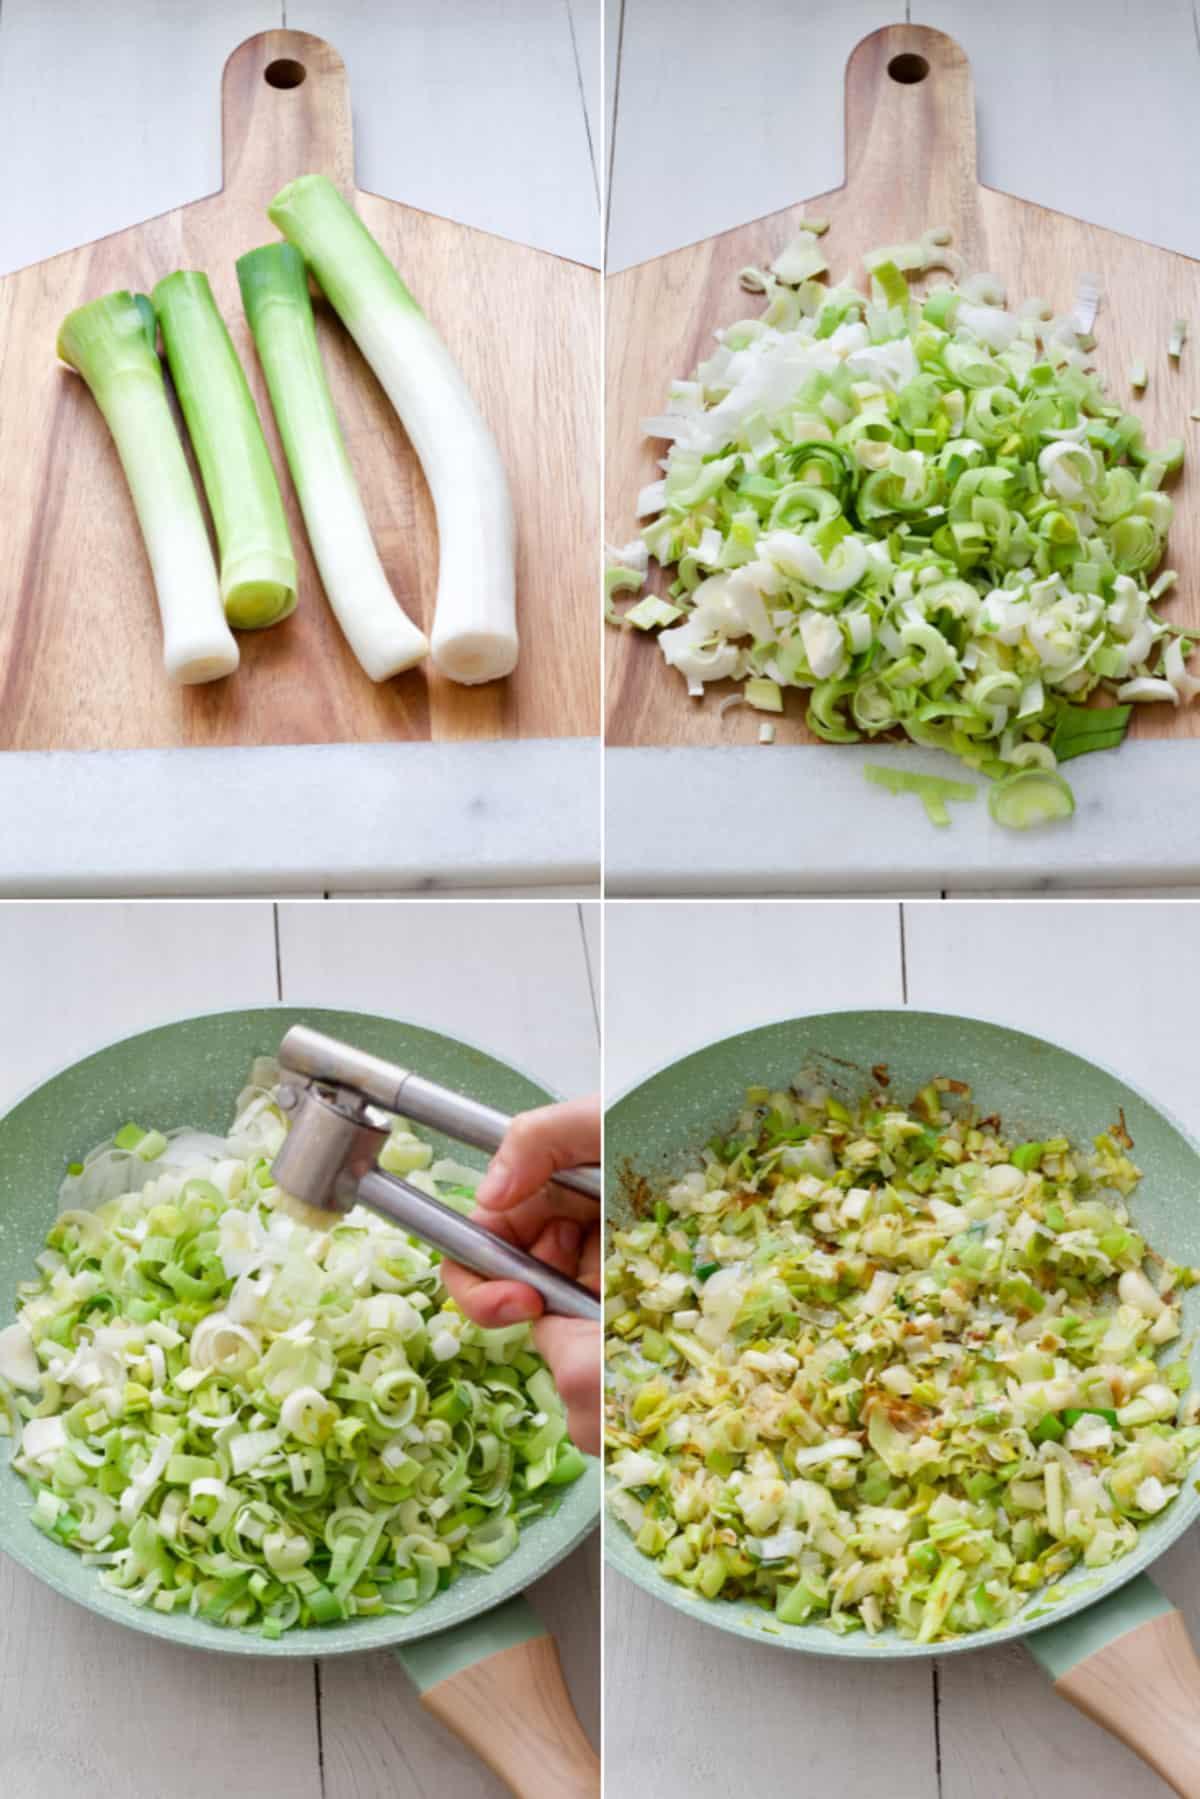 Preparing & frying leeks.